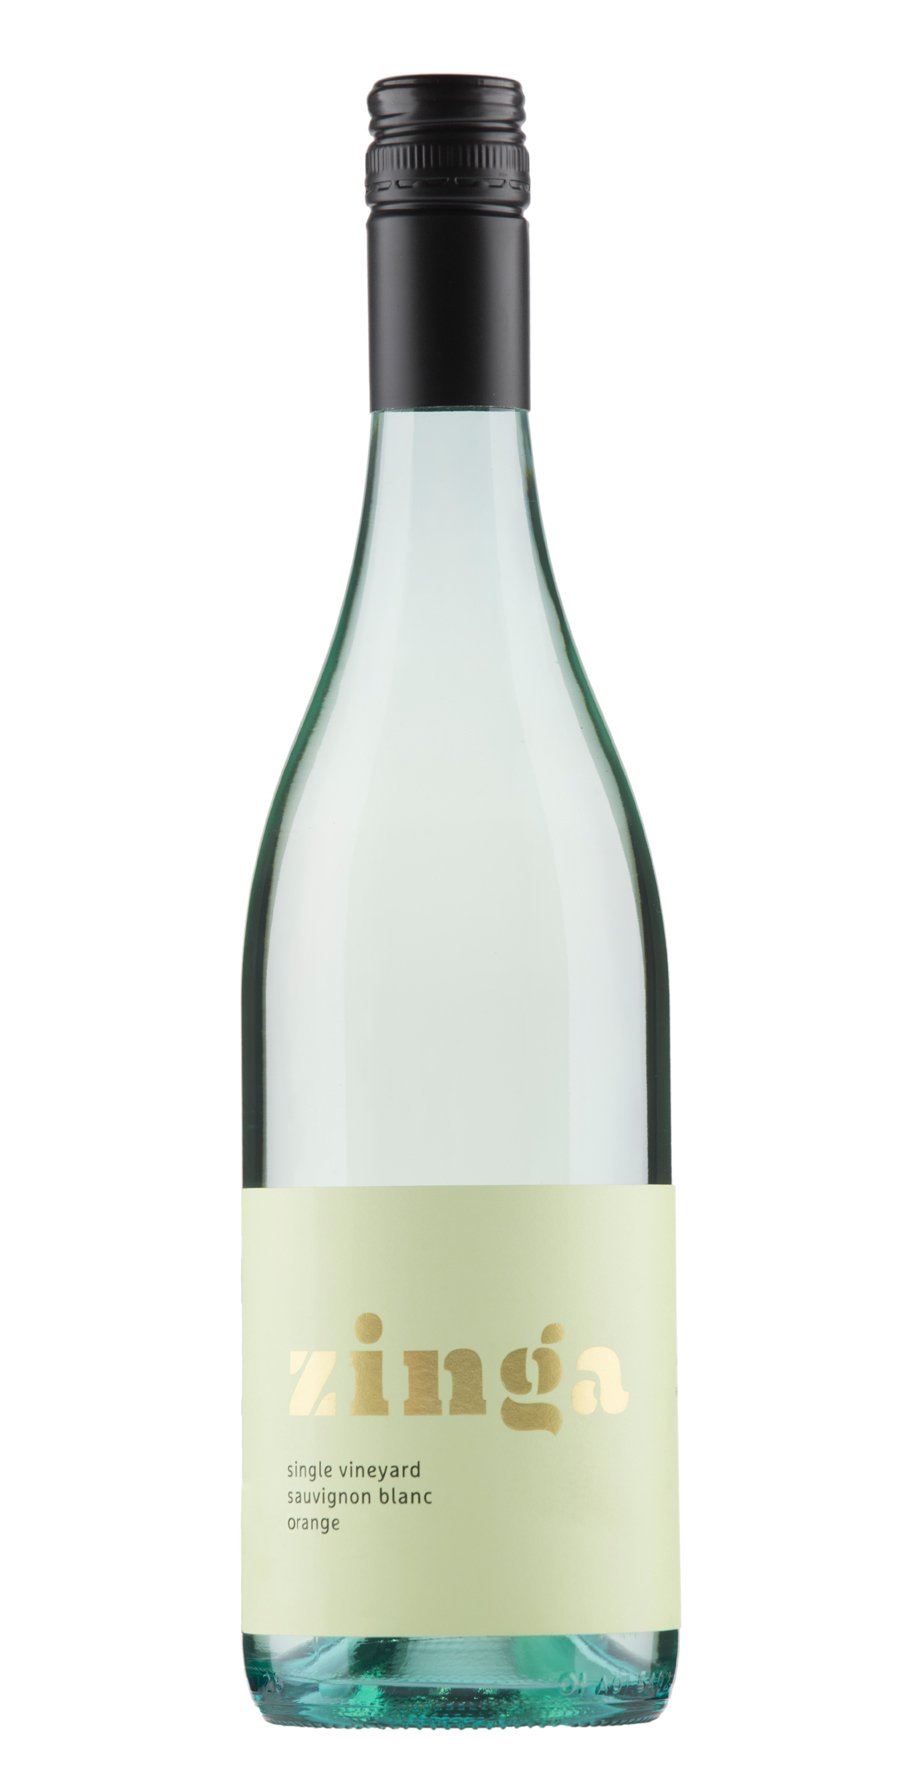 Zinga 2017 Sauvignon Blanc